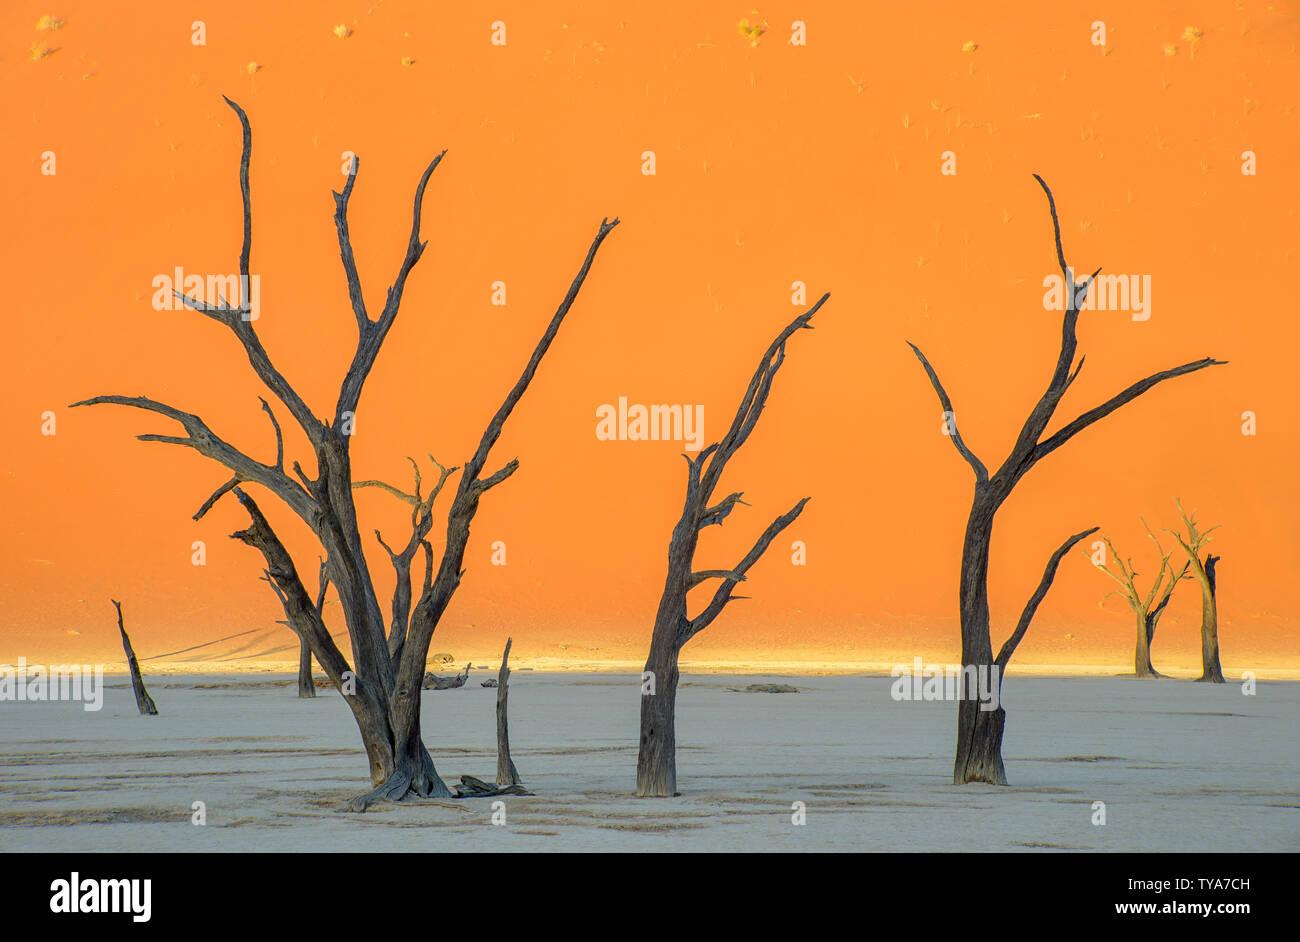 Le presque irréelle et onirique de vue ces arbres préhistoriques. Orange et à couper le souffle visuellement les tons de bleu de la forêt d'arbres squelettiques. Dead Vlei Banque D'Images